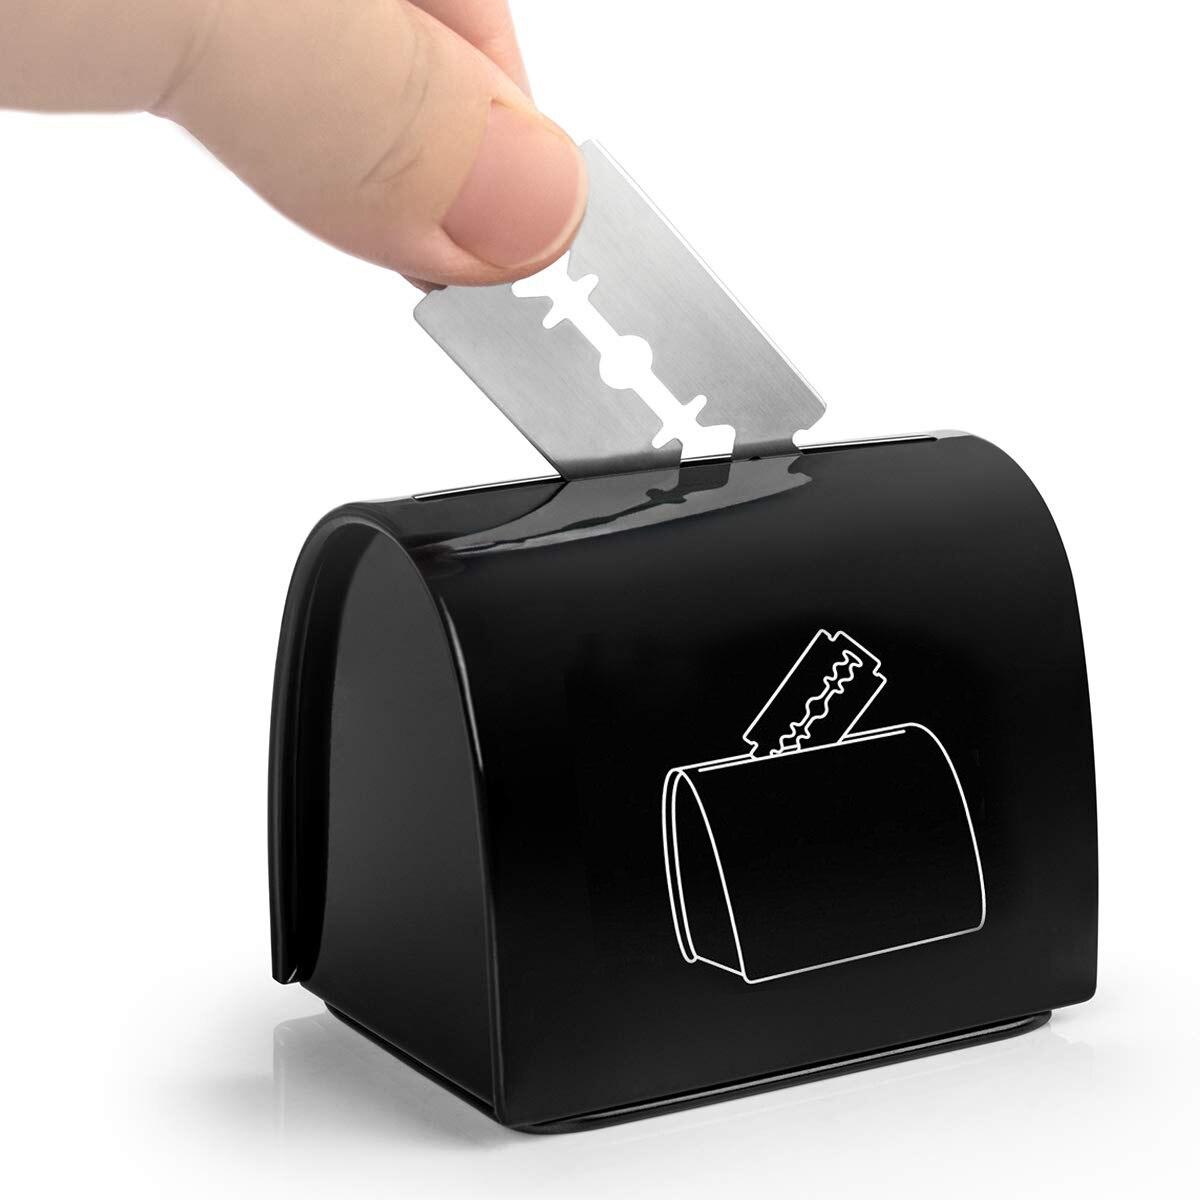 2021 Новое лезвие удаление чехол безопасного хранения монет банка для б/у Безопасность сменные лезвия для бритвы для домашнего пользования б...